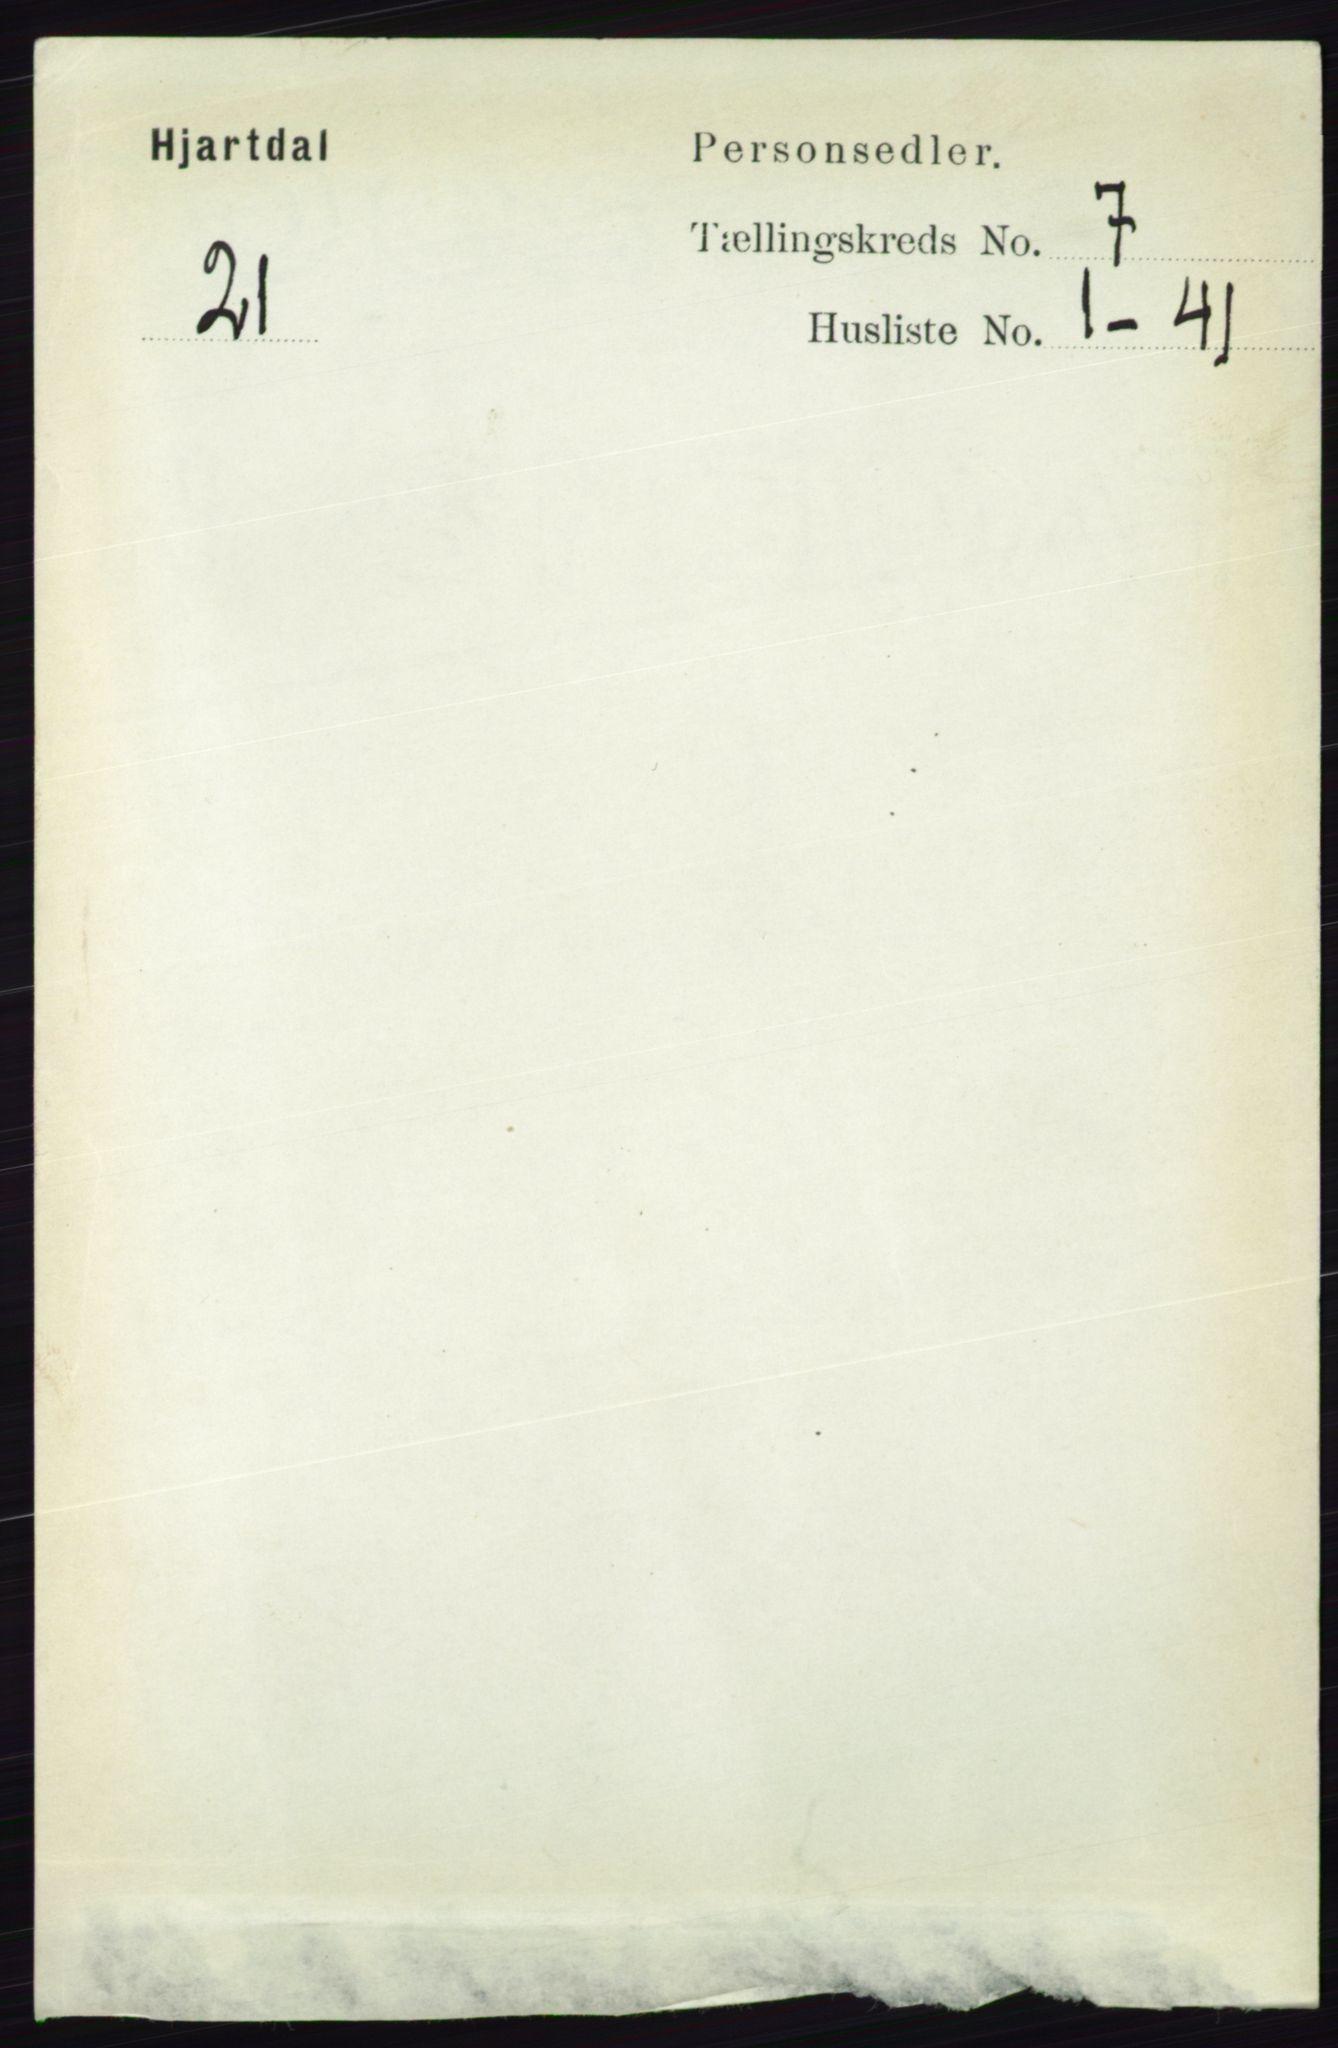 RA, Folketelling 1891 for 0827 Hjartdal herred, 1891, s. 2541